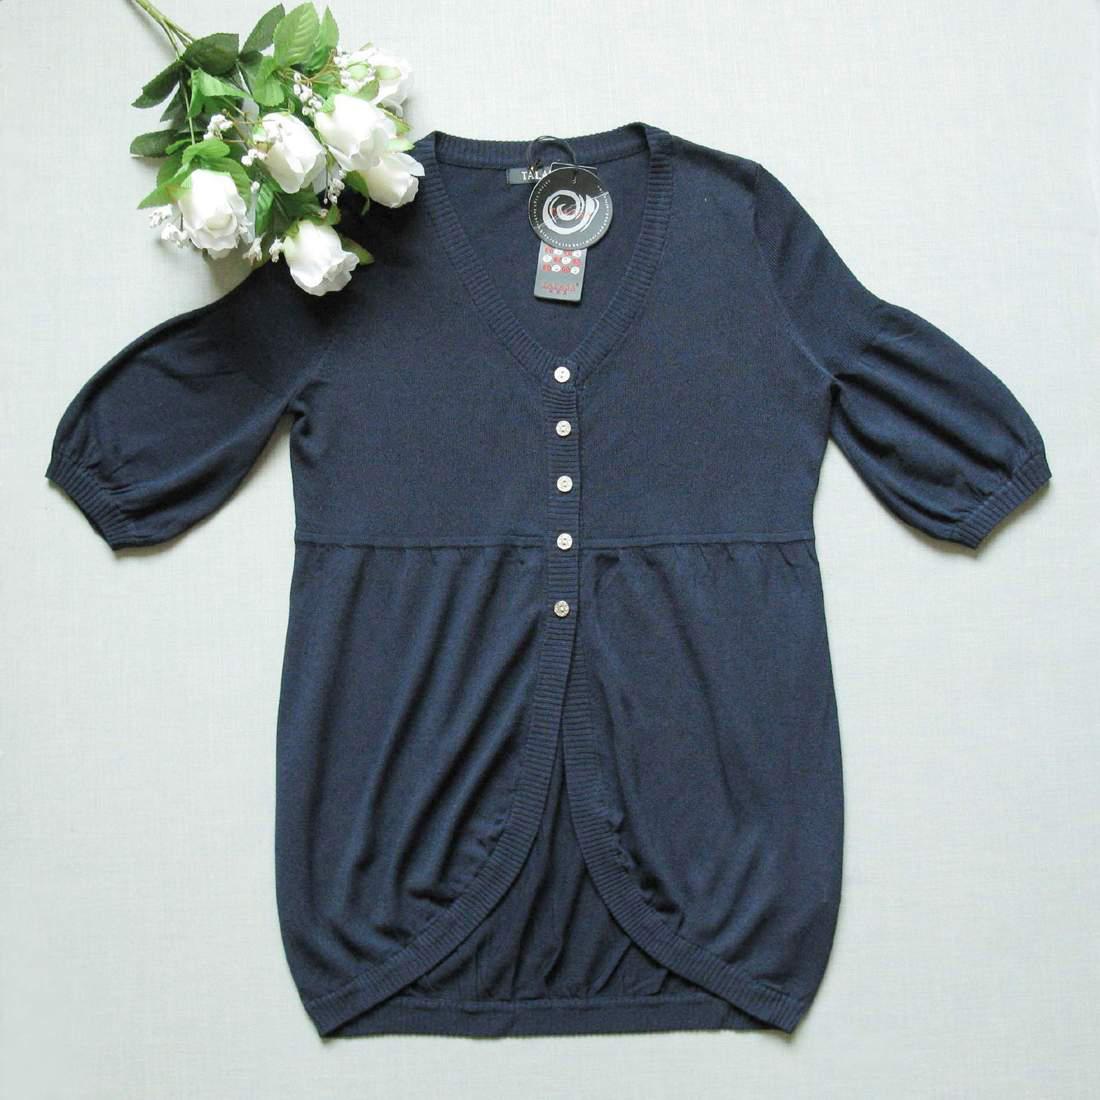 店庆85折  *塔拉*夏* 亚麻深蓝色针织衫3色入S M 两件包快  0620